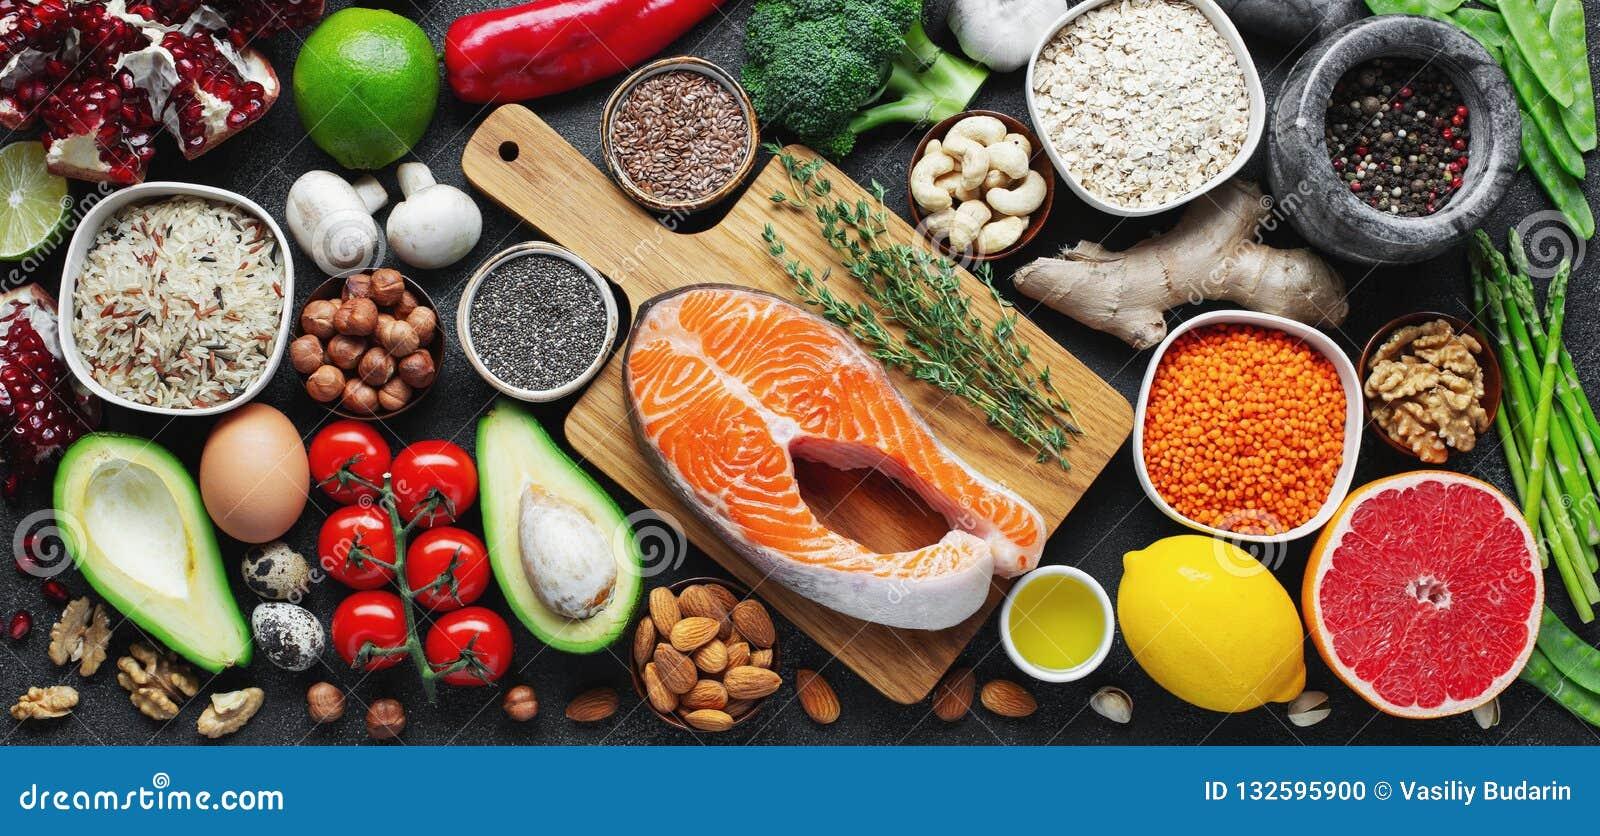 健康食品干净的吃选择:鱼,果子,坚果,菜,种子,superfood,谷物,在黑混凝土的蔬菜叶